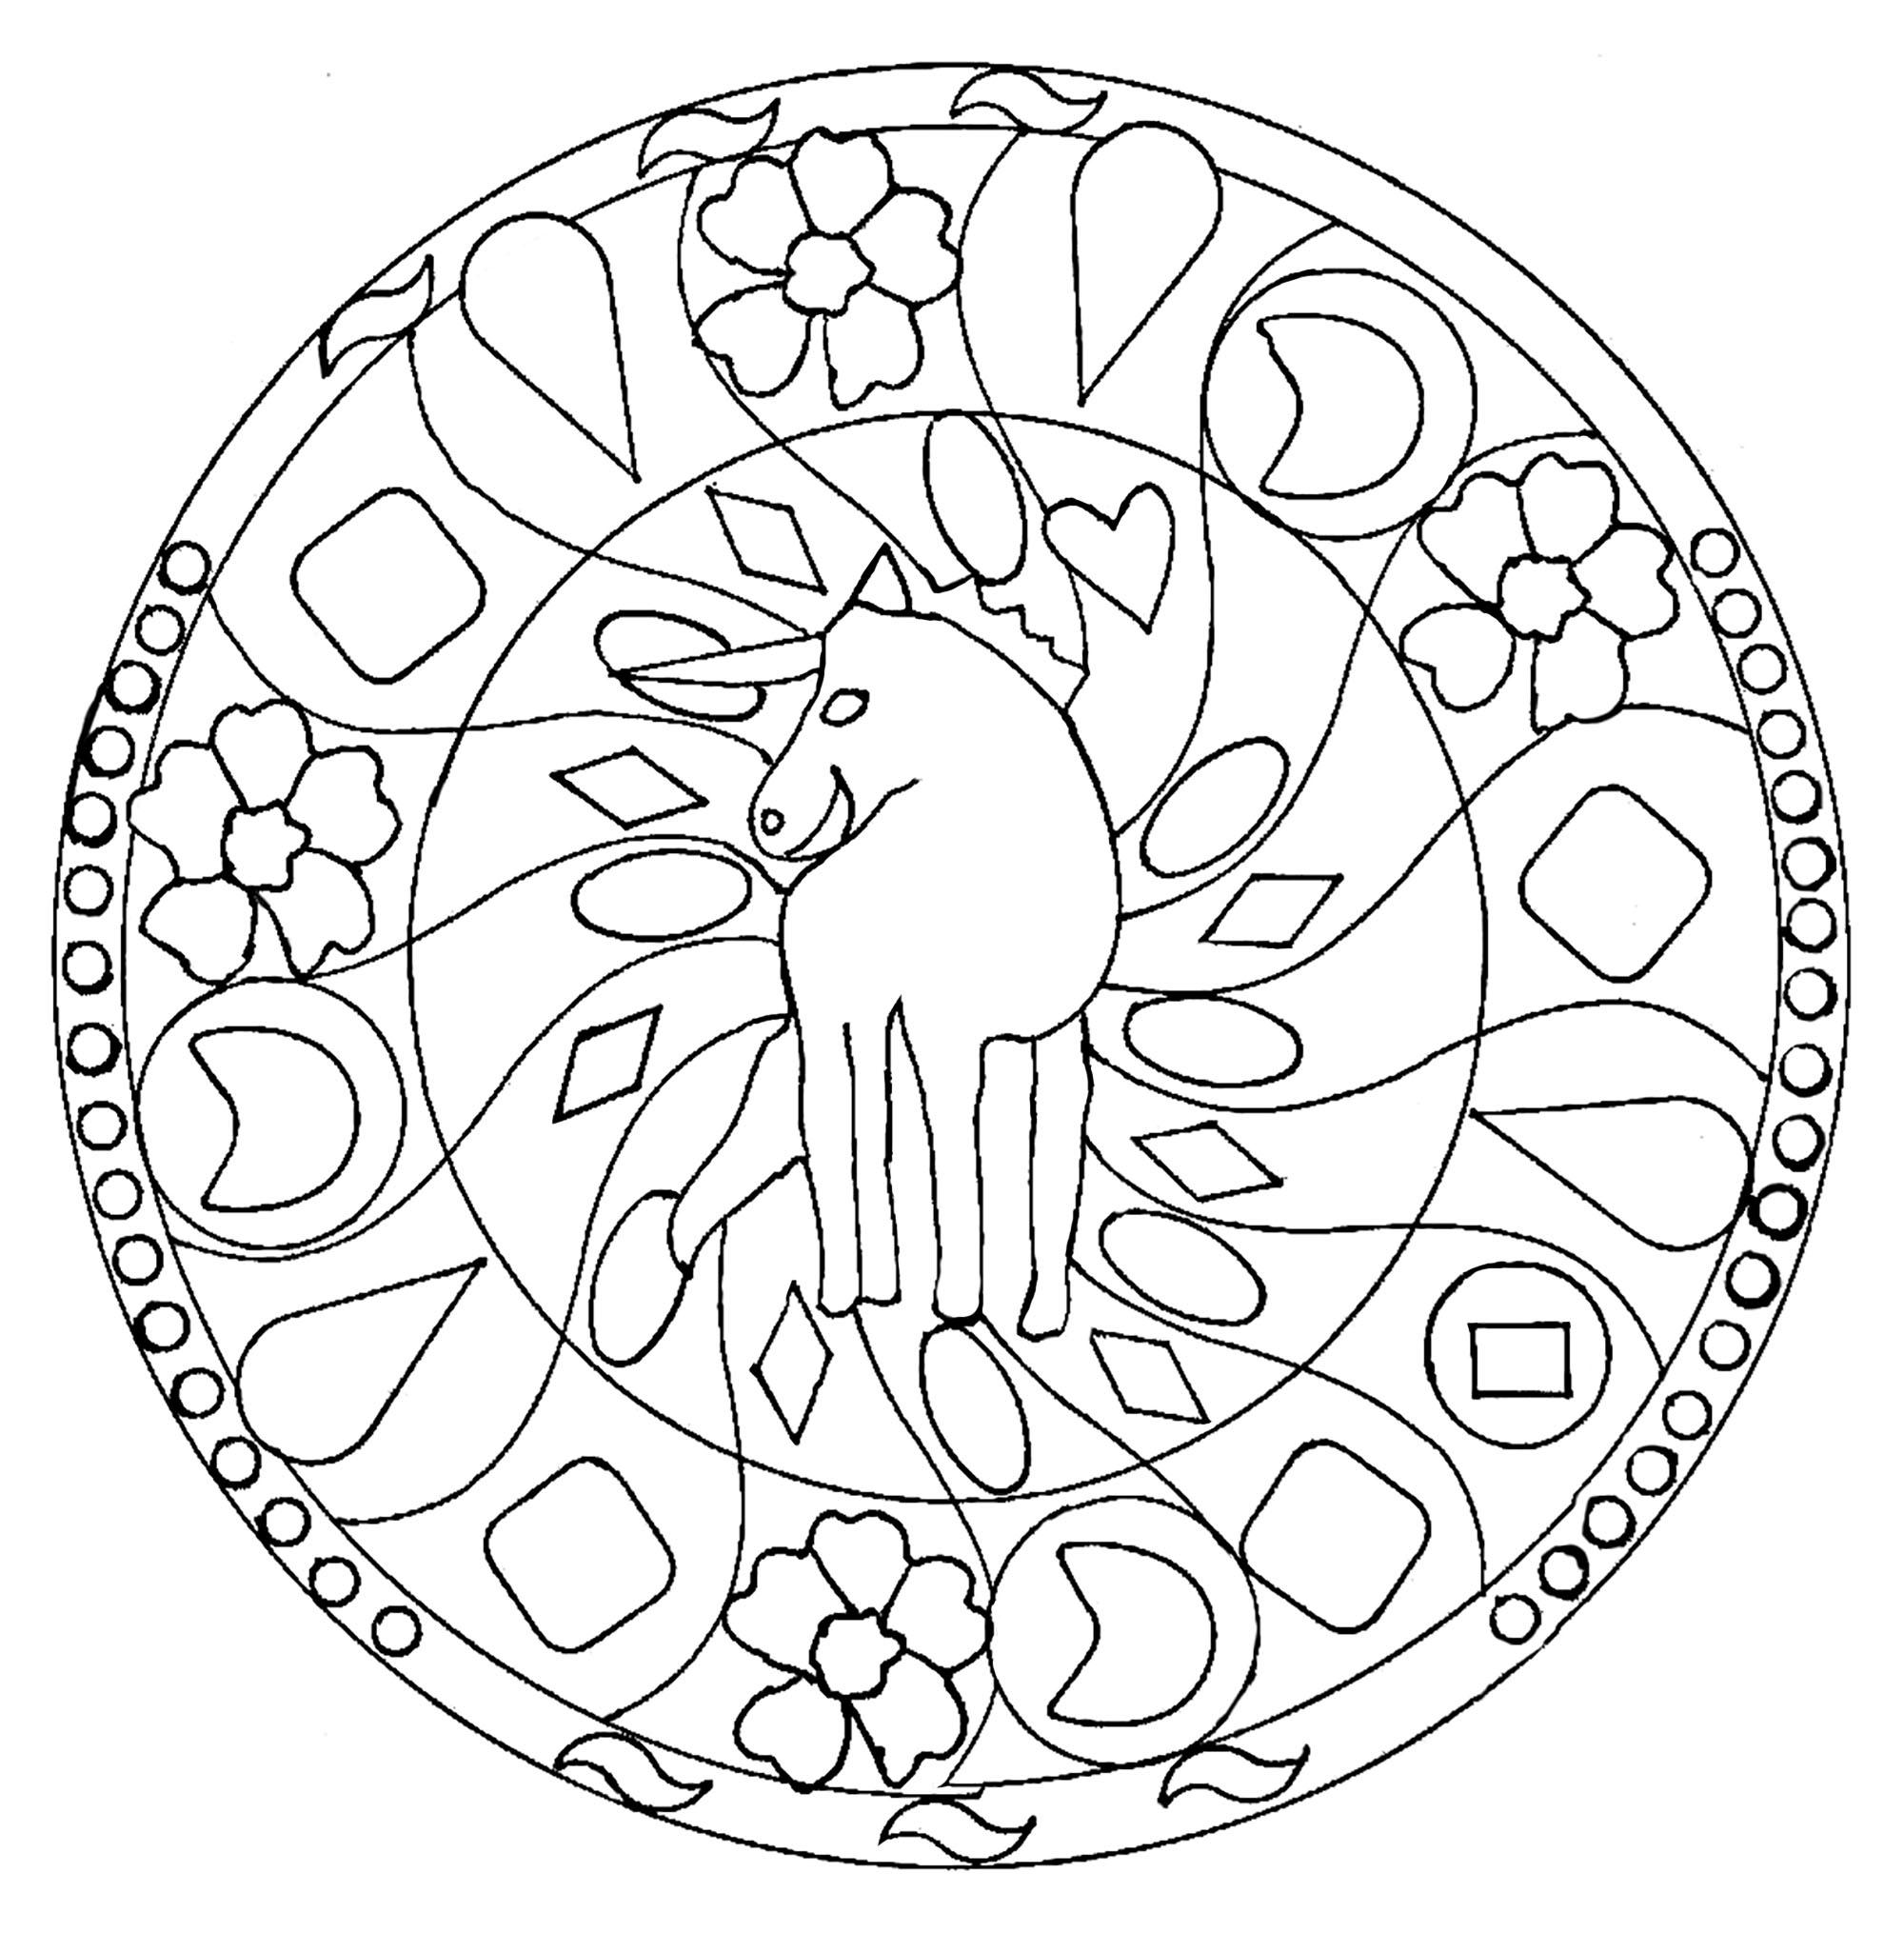 Mandala domandala 4 mandalas coloriages difficiles - Coloriage mandala enfants ...